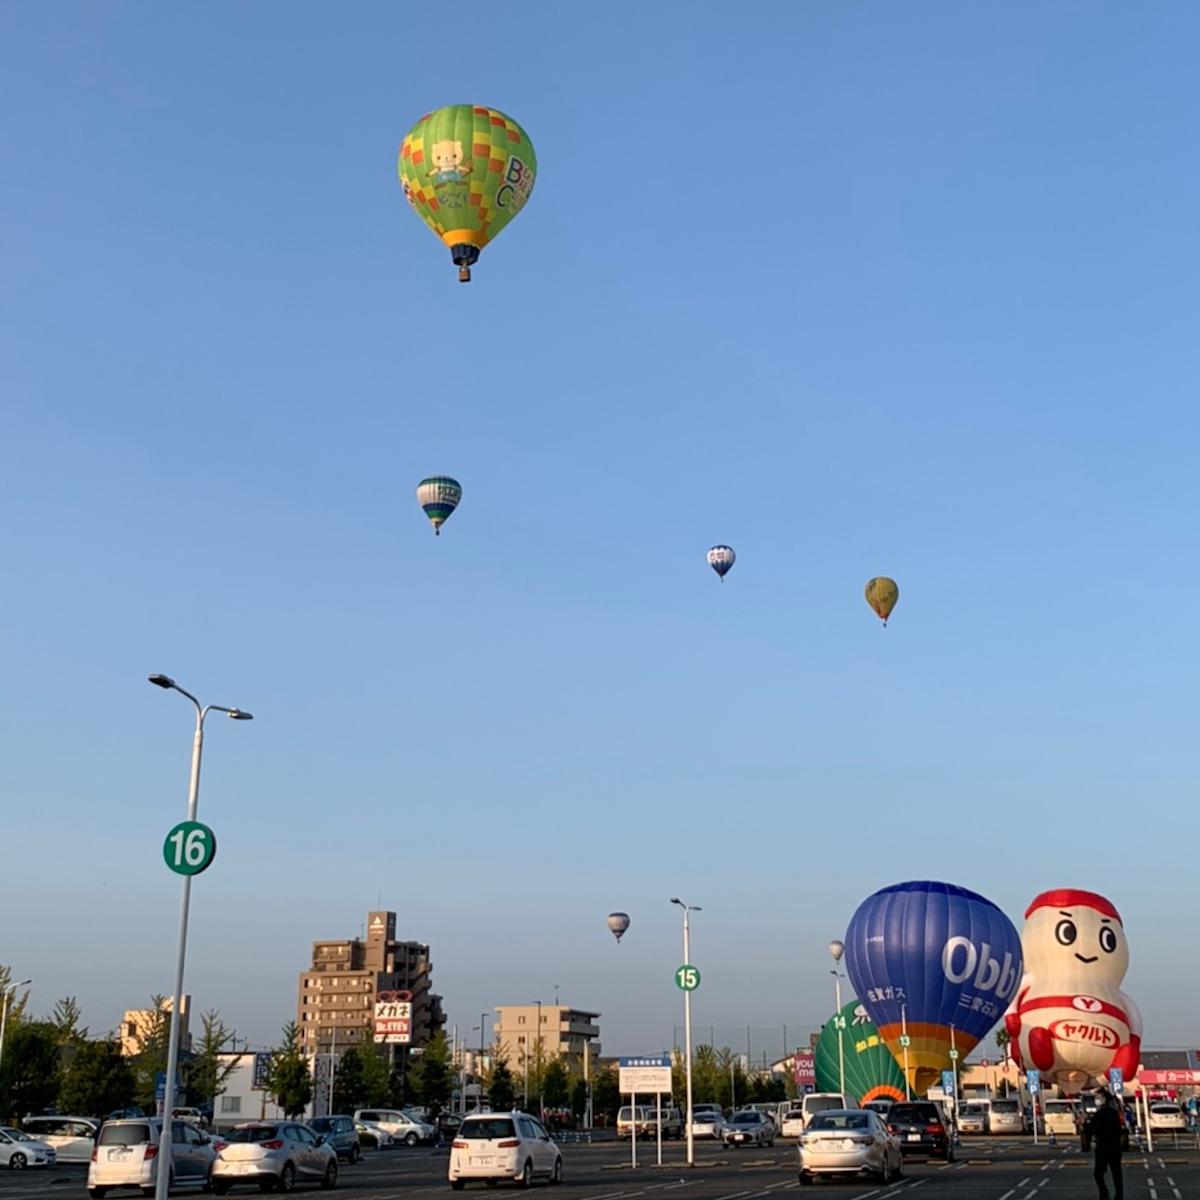 佐賀市内の商業施設駐車場から離陸する熱気球